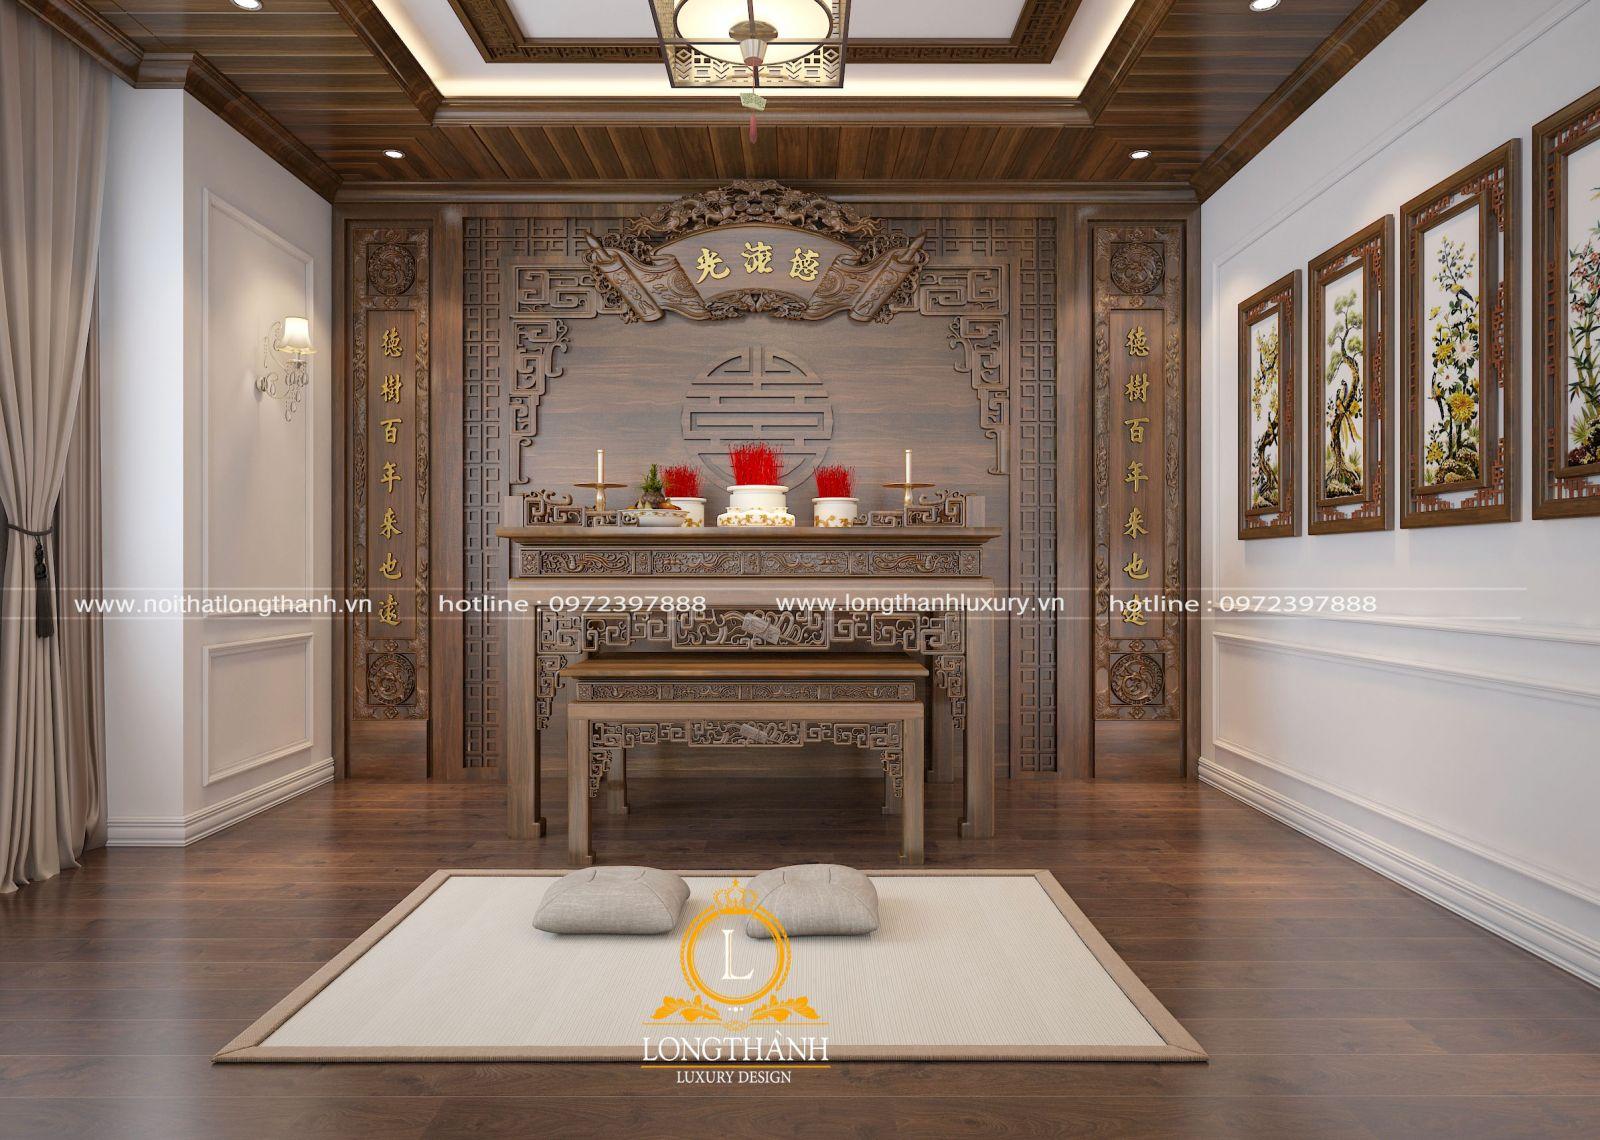 Thiết kế bàn thờ đặt dưới tầng 1 cho nhà 2 tầng ở quê